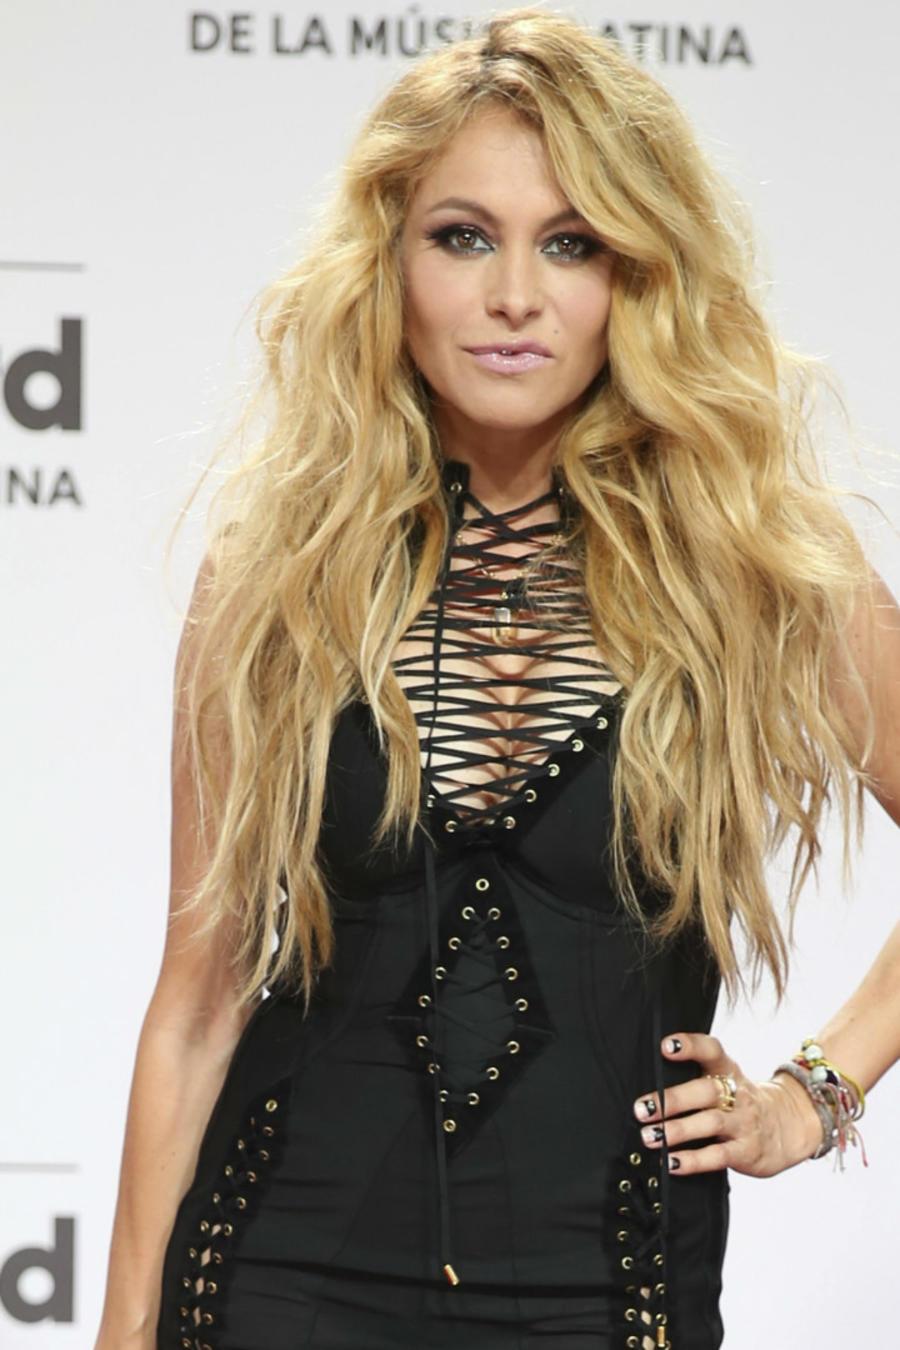 Paulina Rubio en la alfombra roja de los Billboard Latin Music Awards en Miami, 2016.